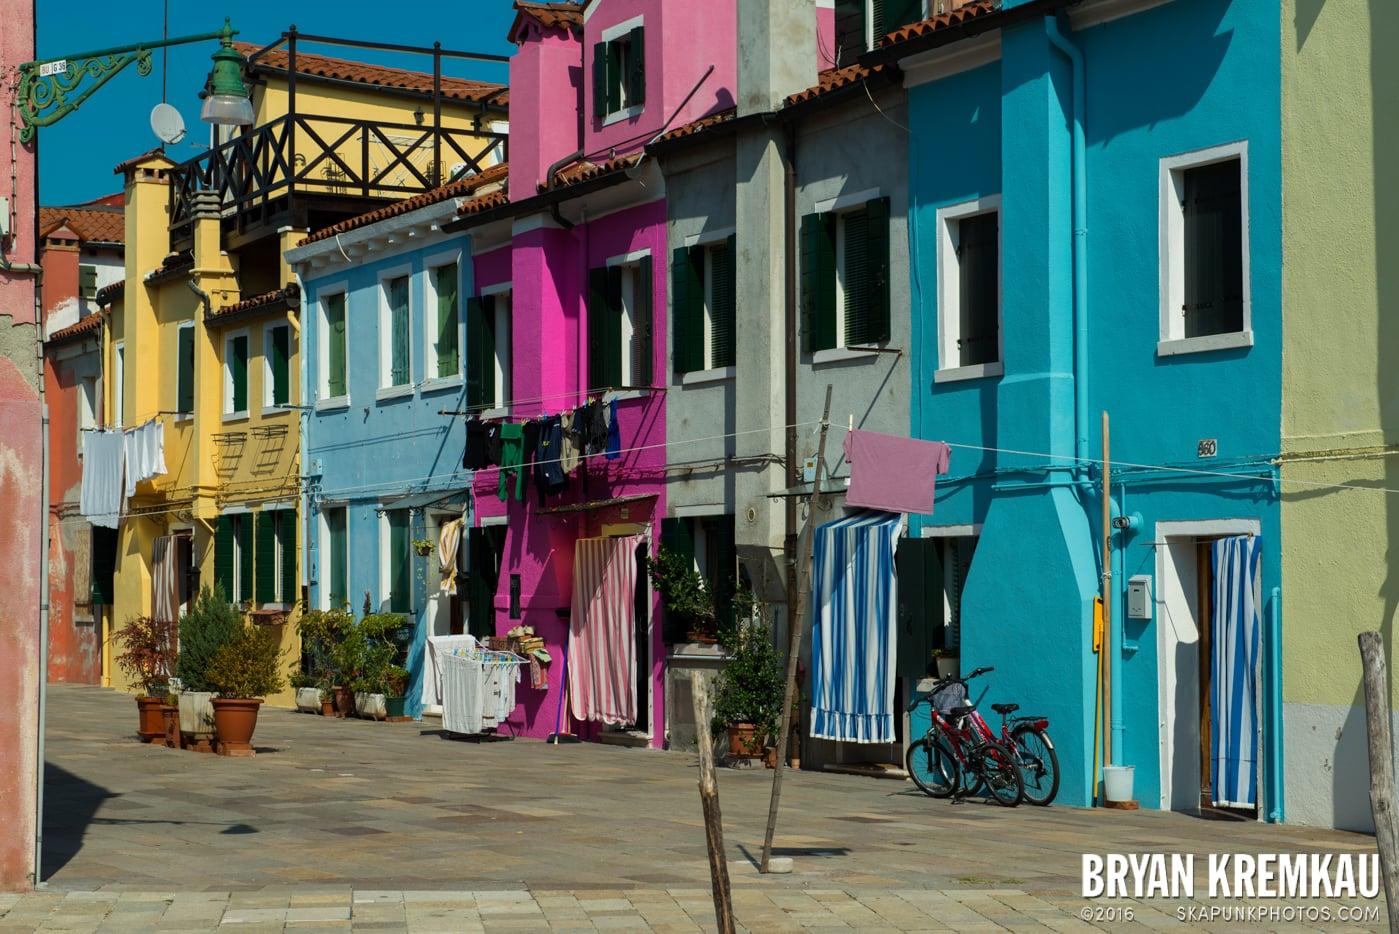 Italy Vacation - Day 6: Murano, Burano, Venice - 9.14.13 (23)